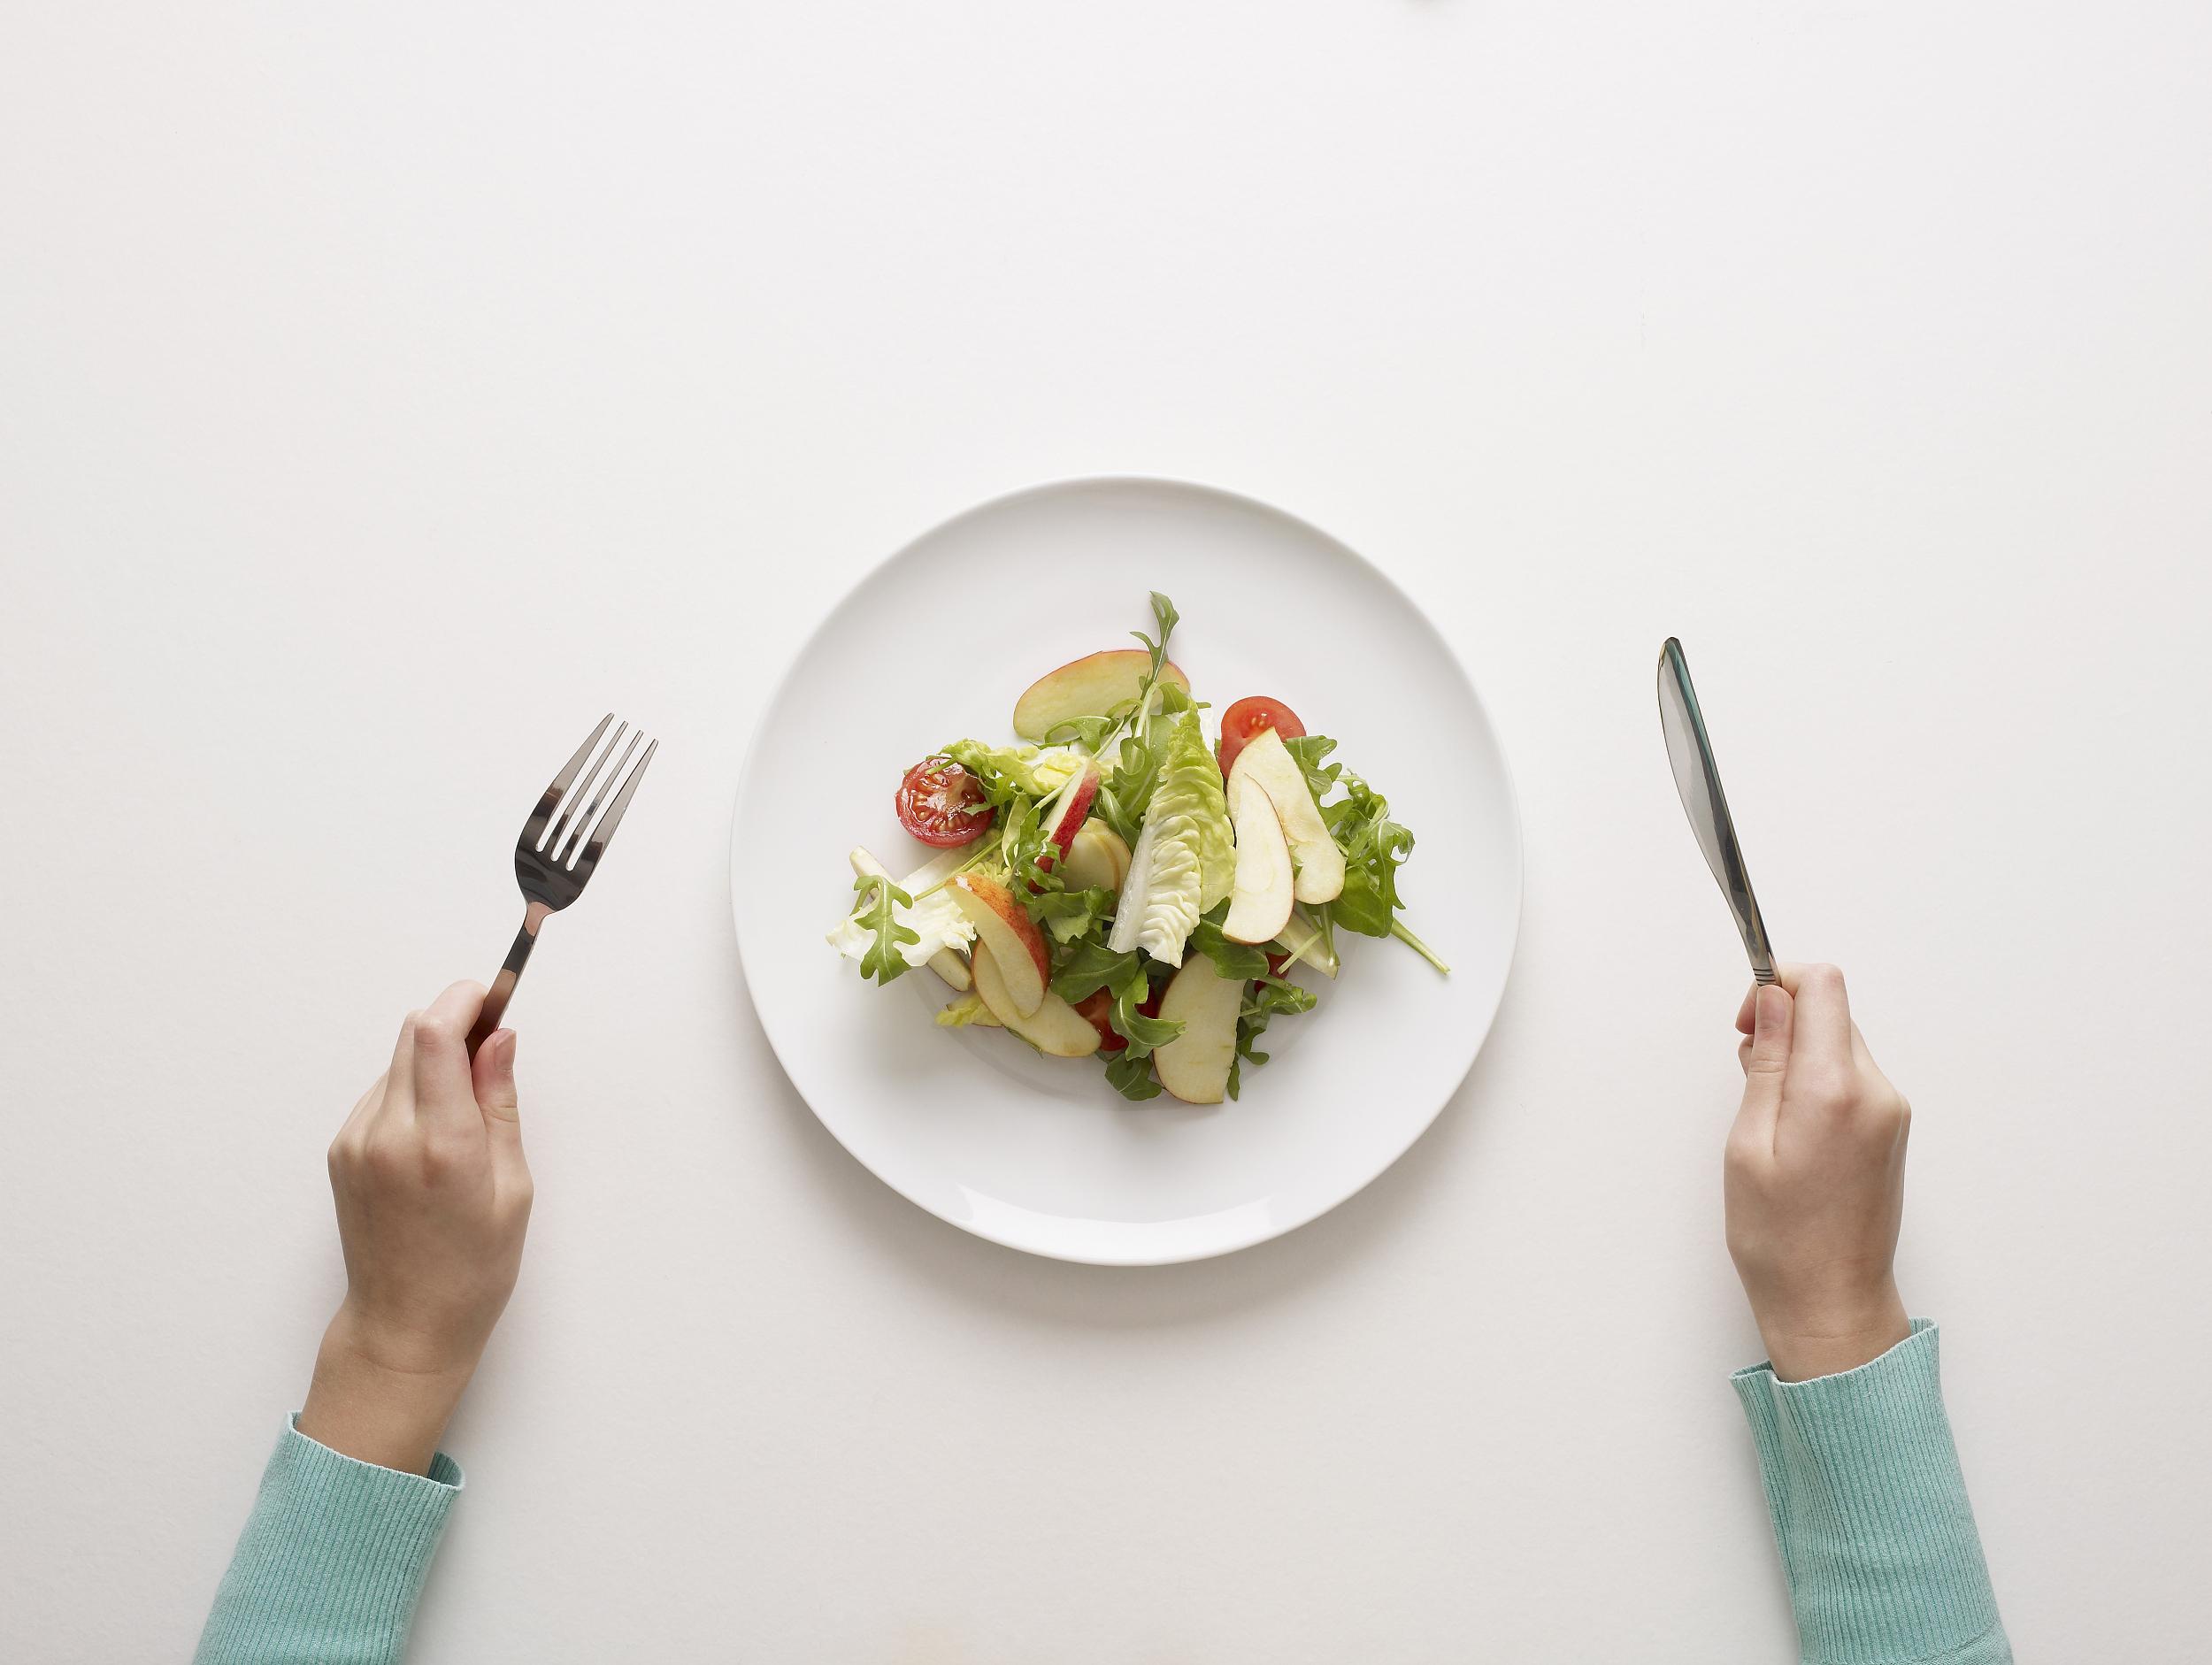 健康经济崛起:广东最爱轻食 重庆最喜代餐